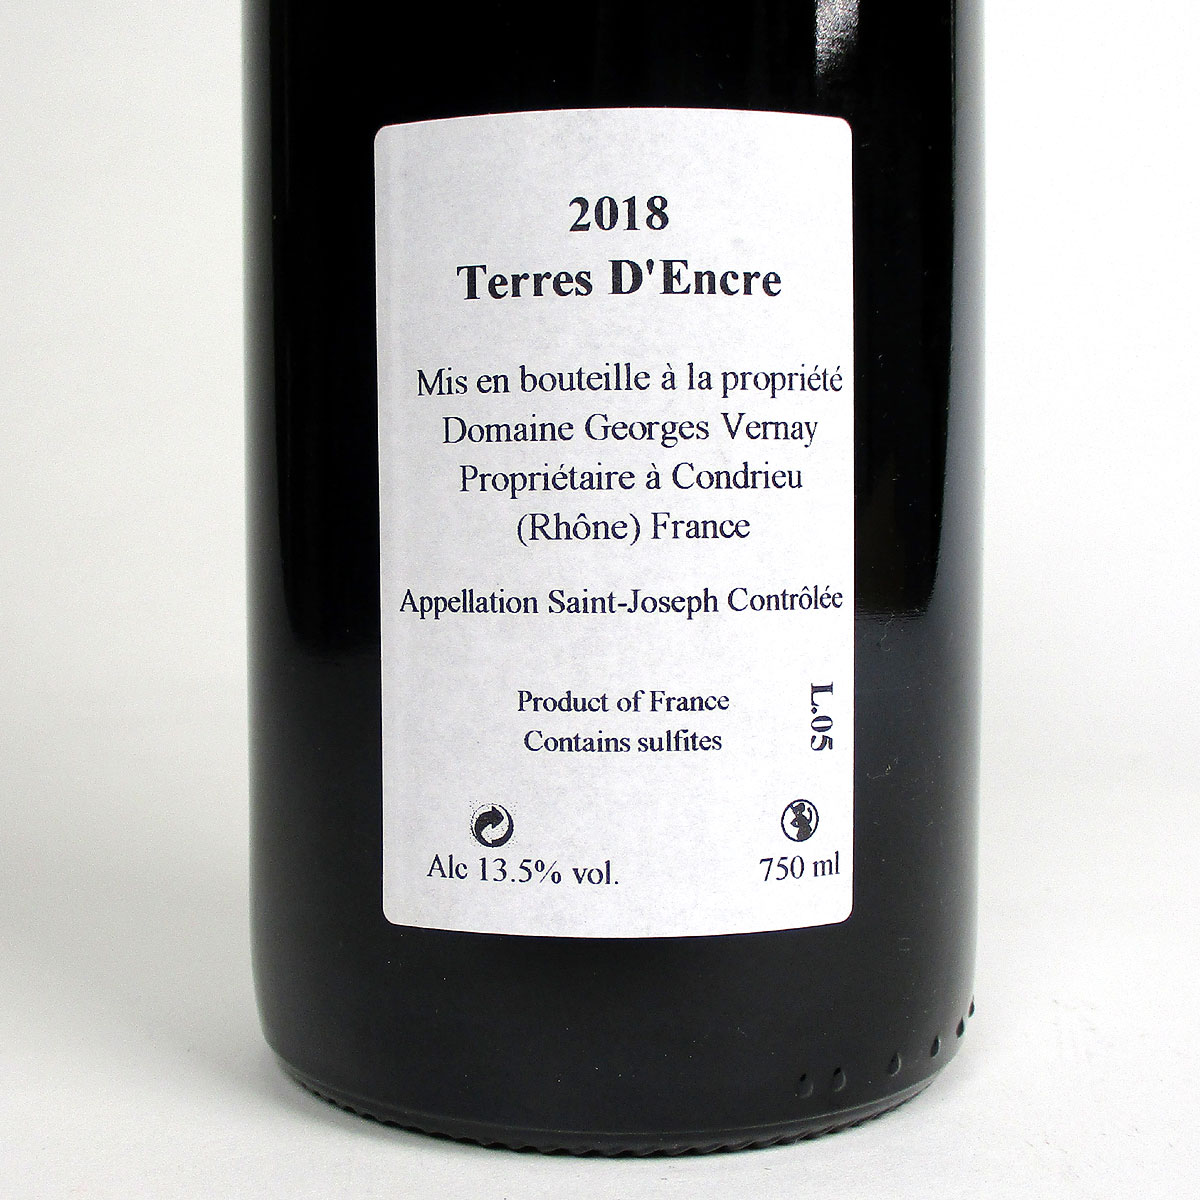 Saint-Joseph: Domaine Georges Vernay 'Terres d'Encre' 2018 - Bottle Rear Label